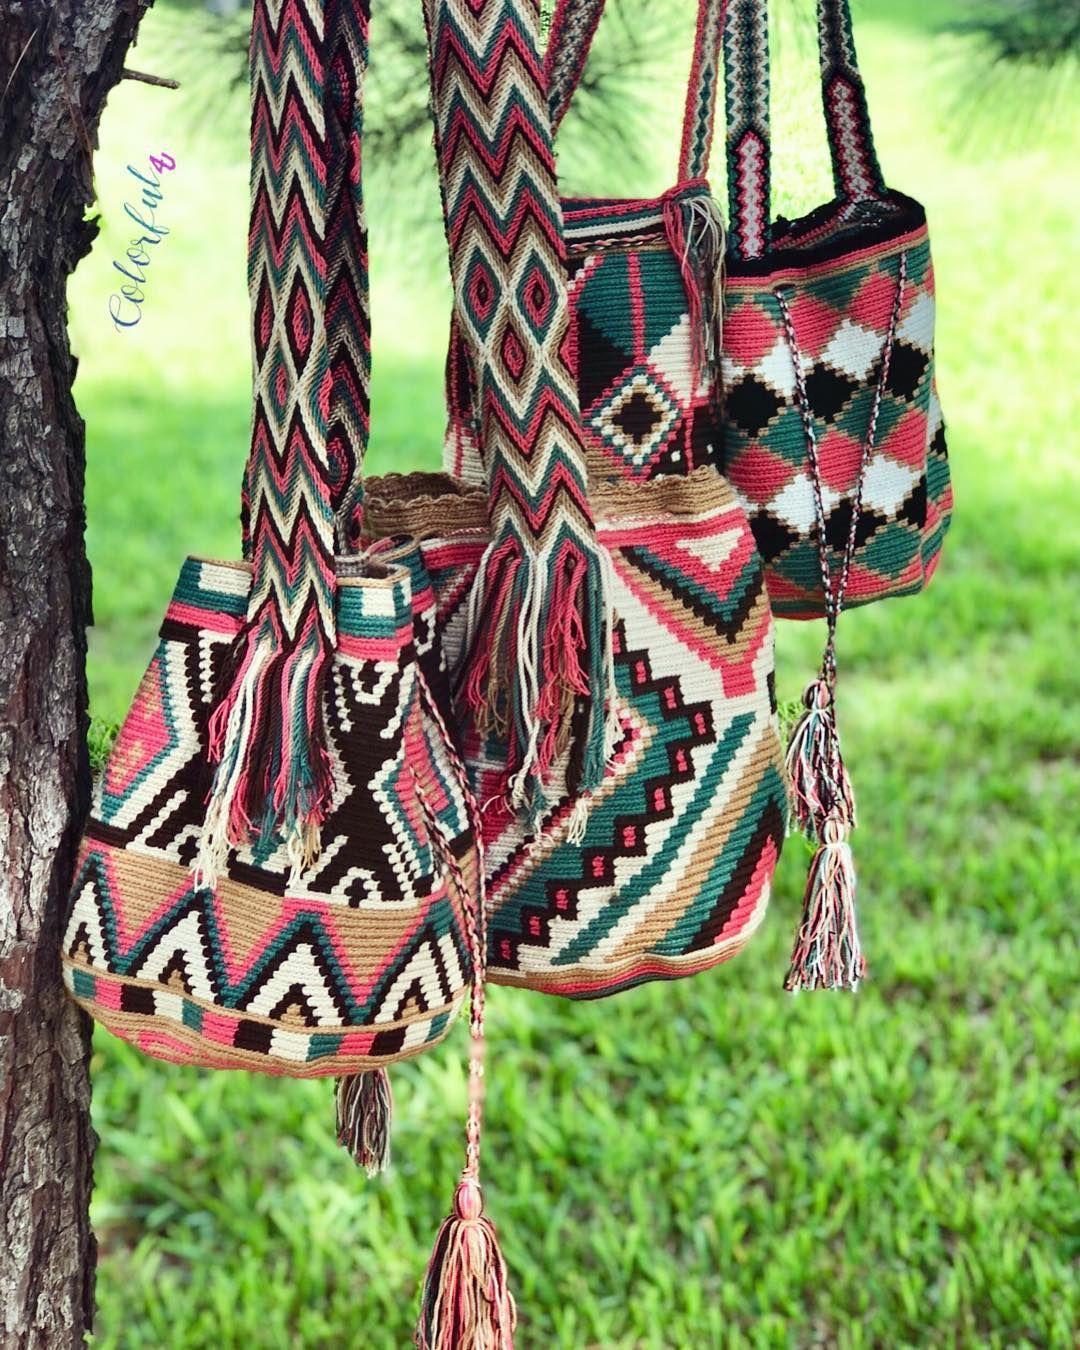 Des Idées De Motif De Sacs à Crochet Créatif Simples Et Gratuits